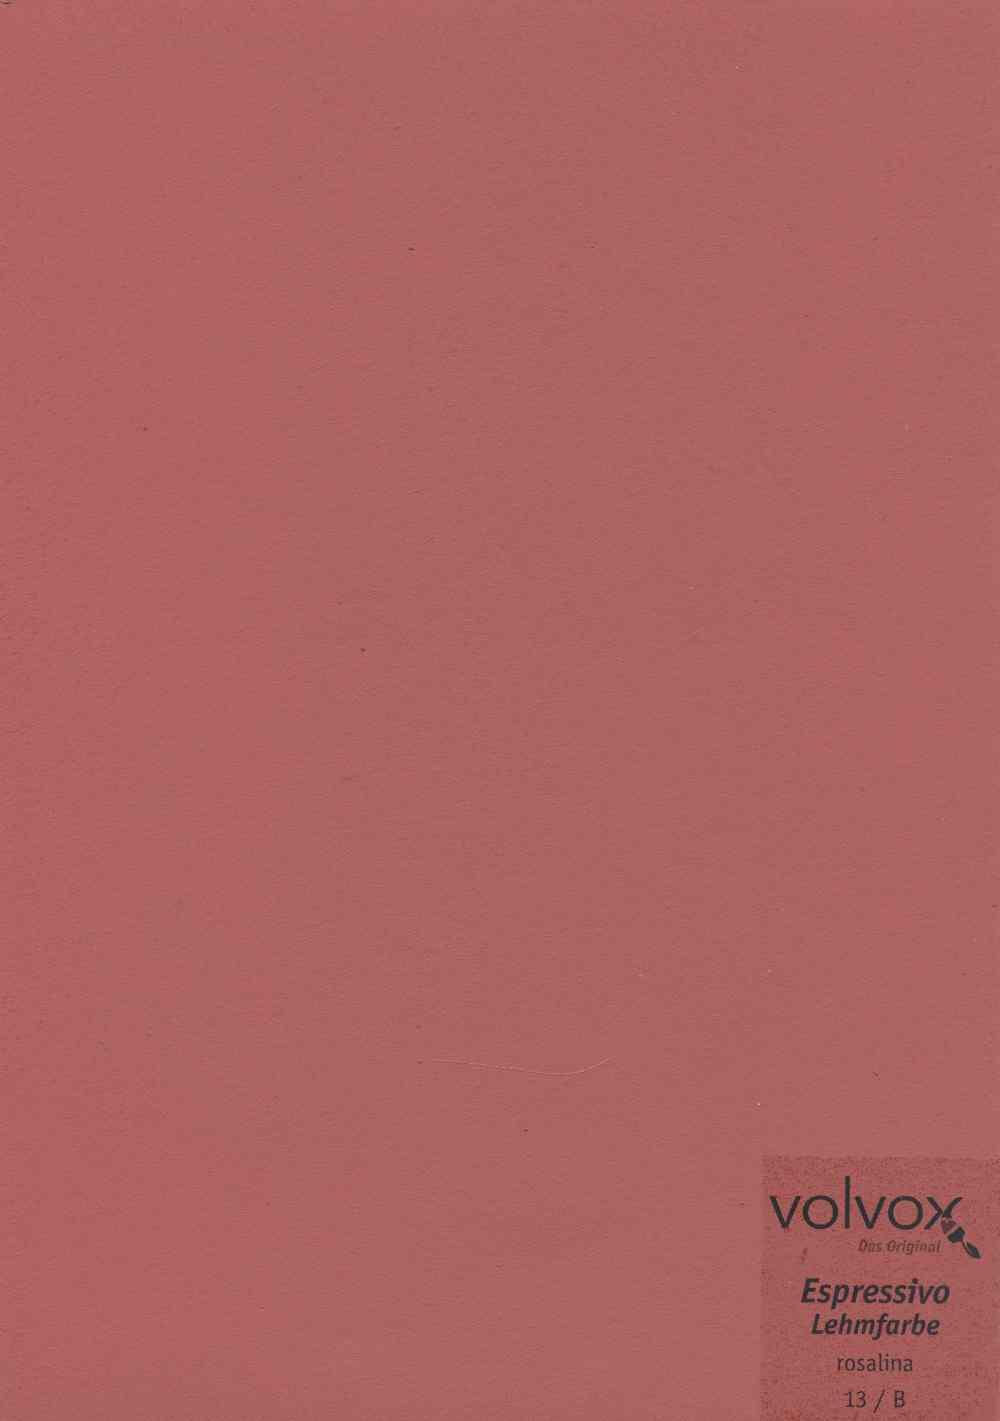 Volvox Espressivo Lehmfarbe 013 rosalina